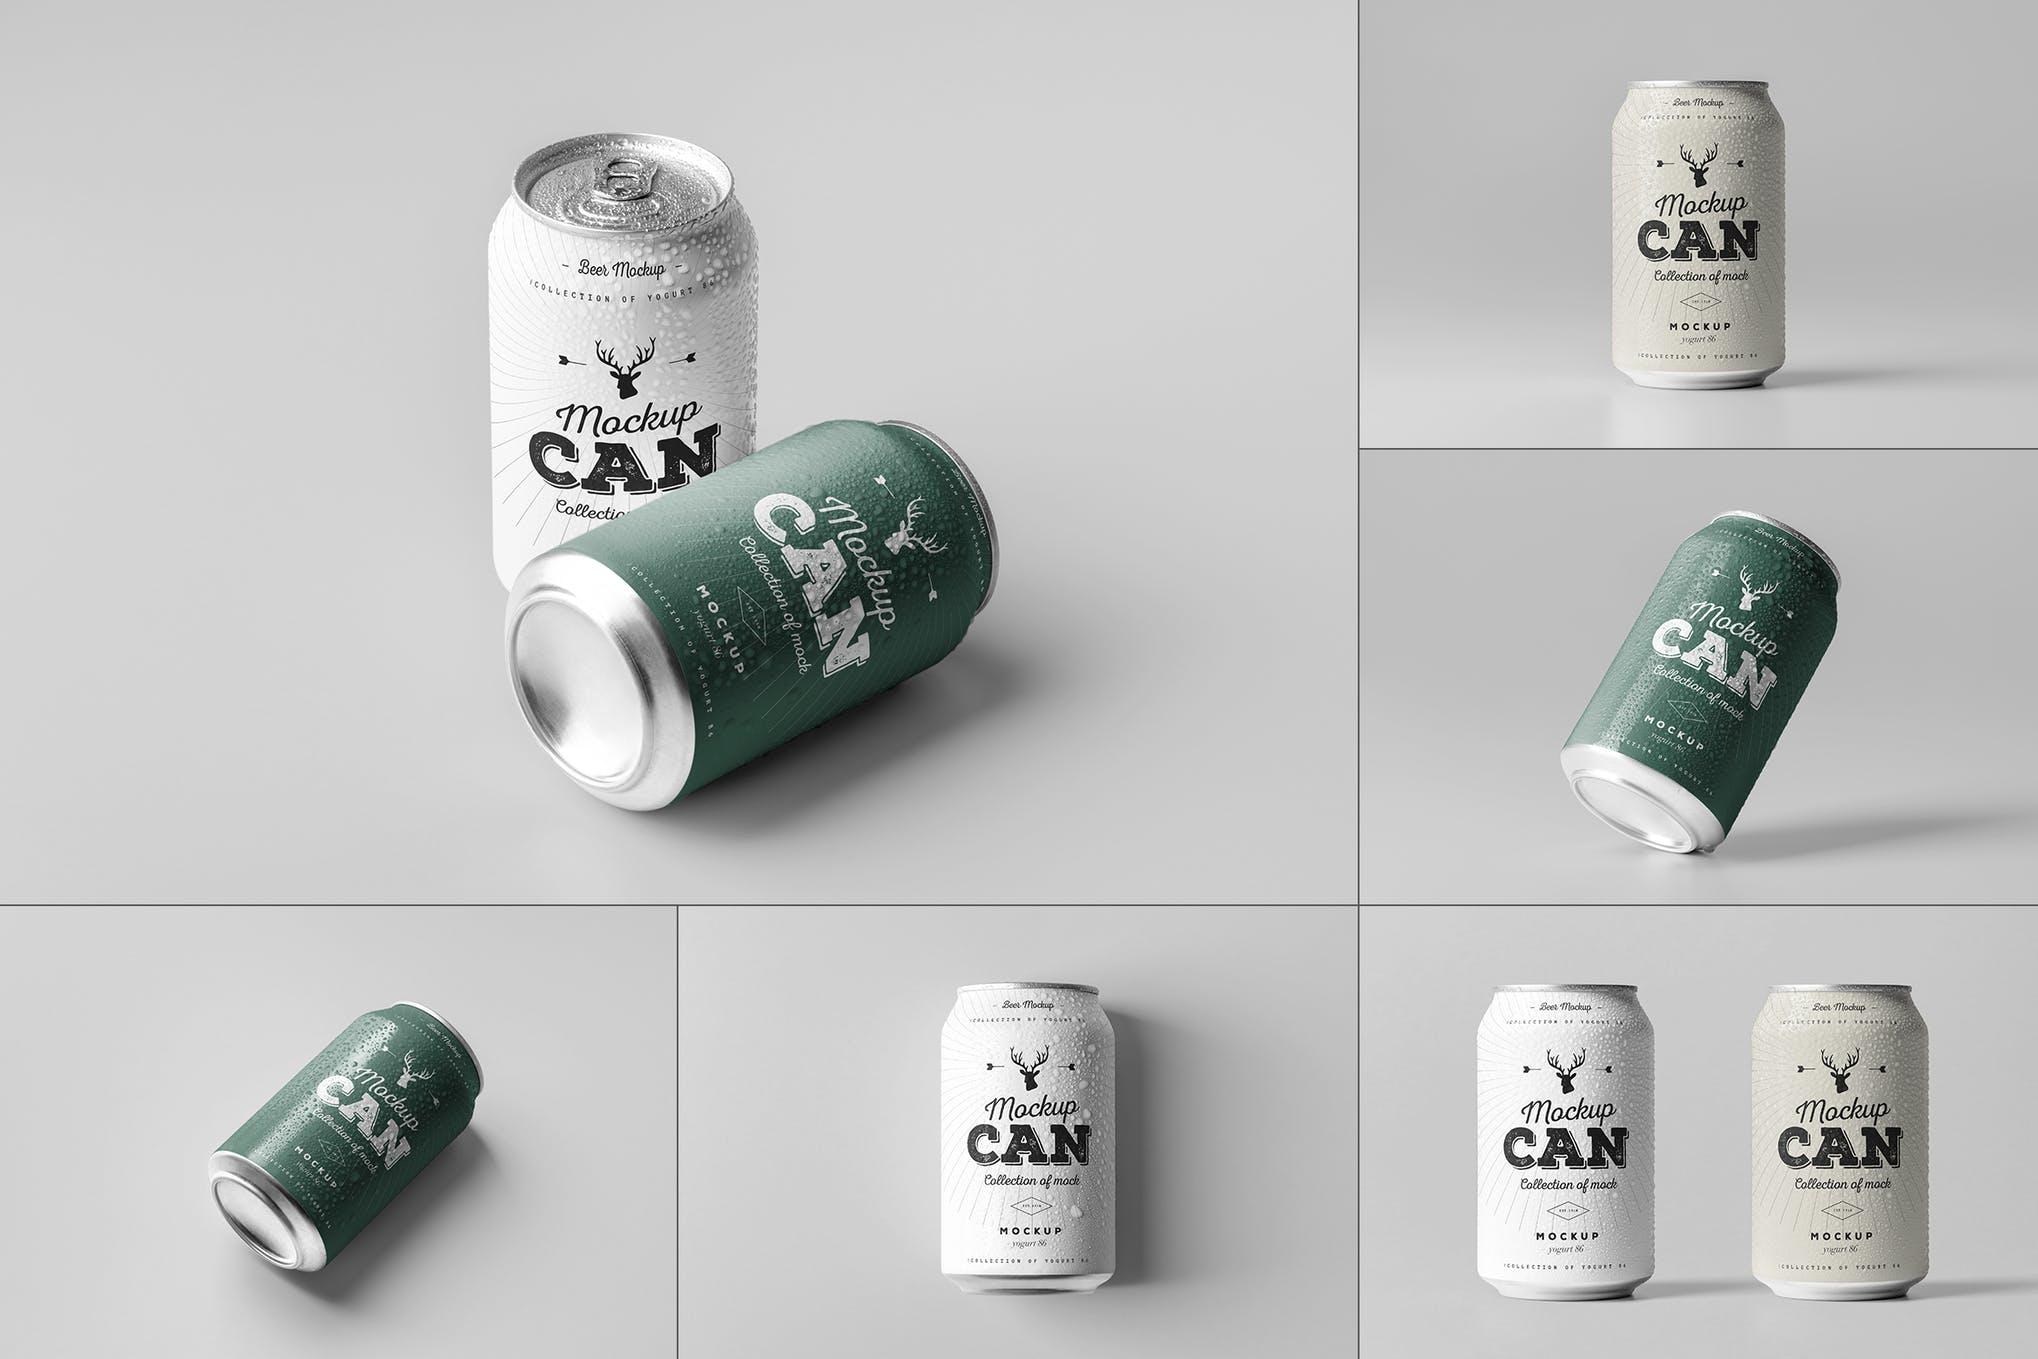 碳酸饮料啤酒易拉罐 Ver.1 样机效果图插图(1)